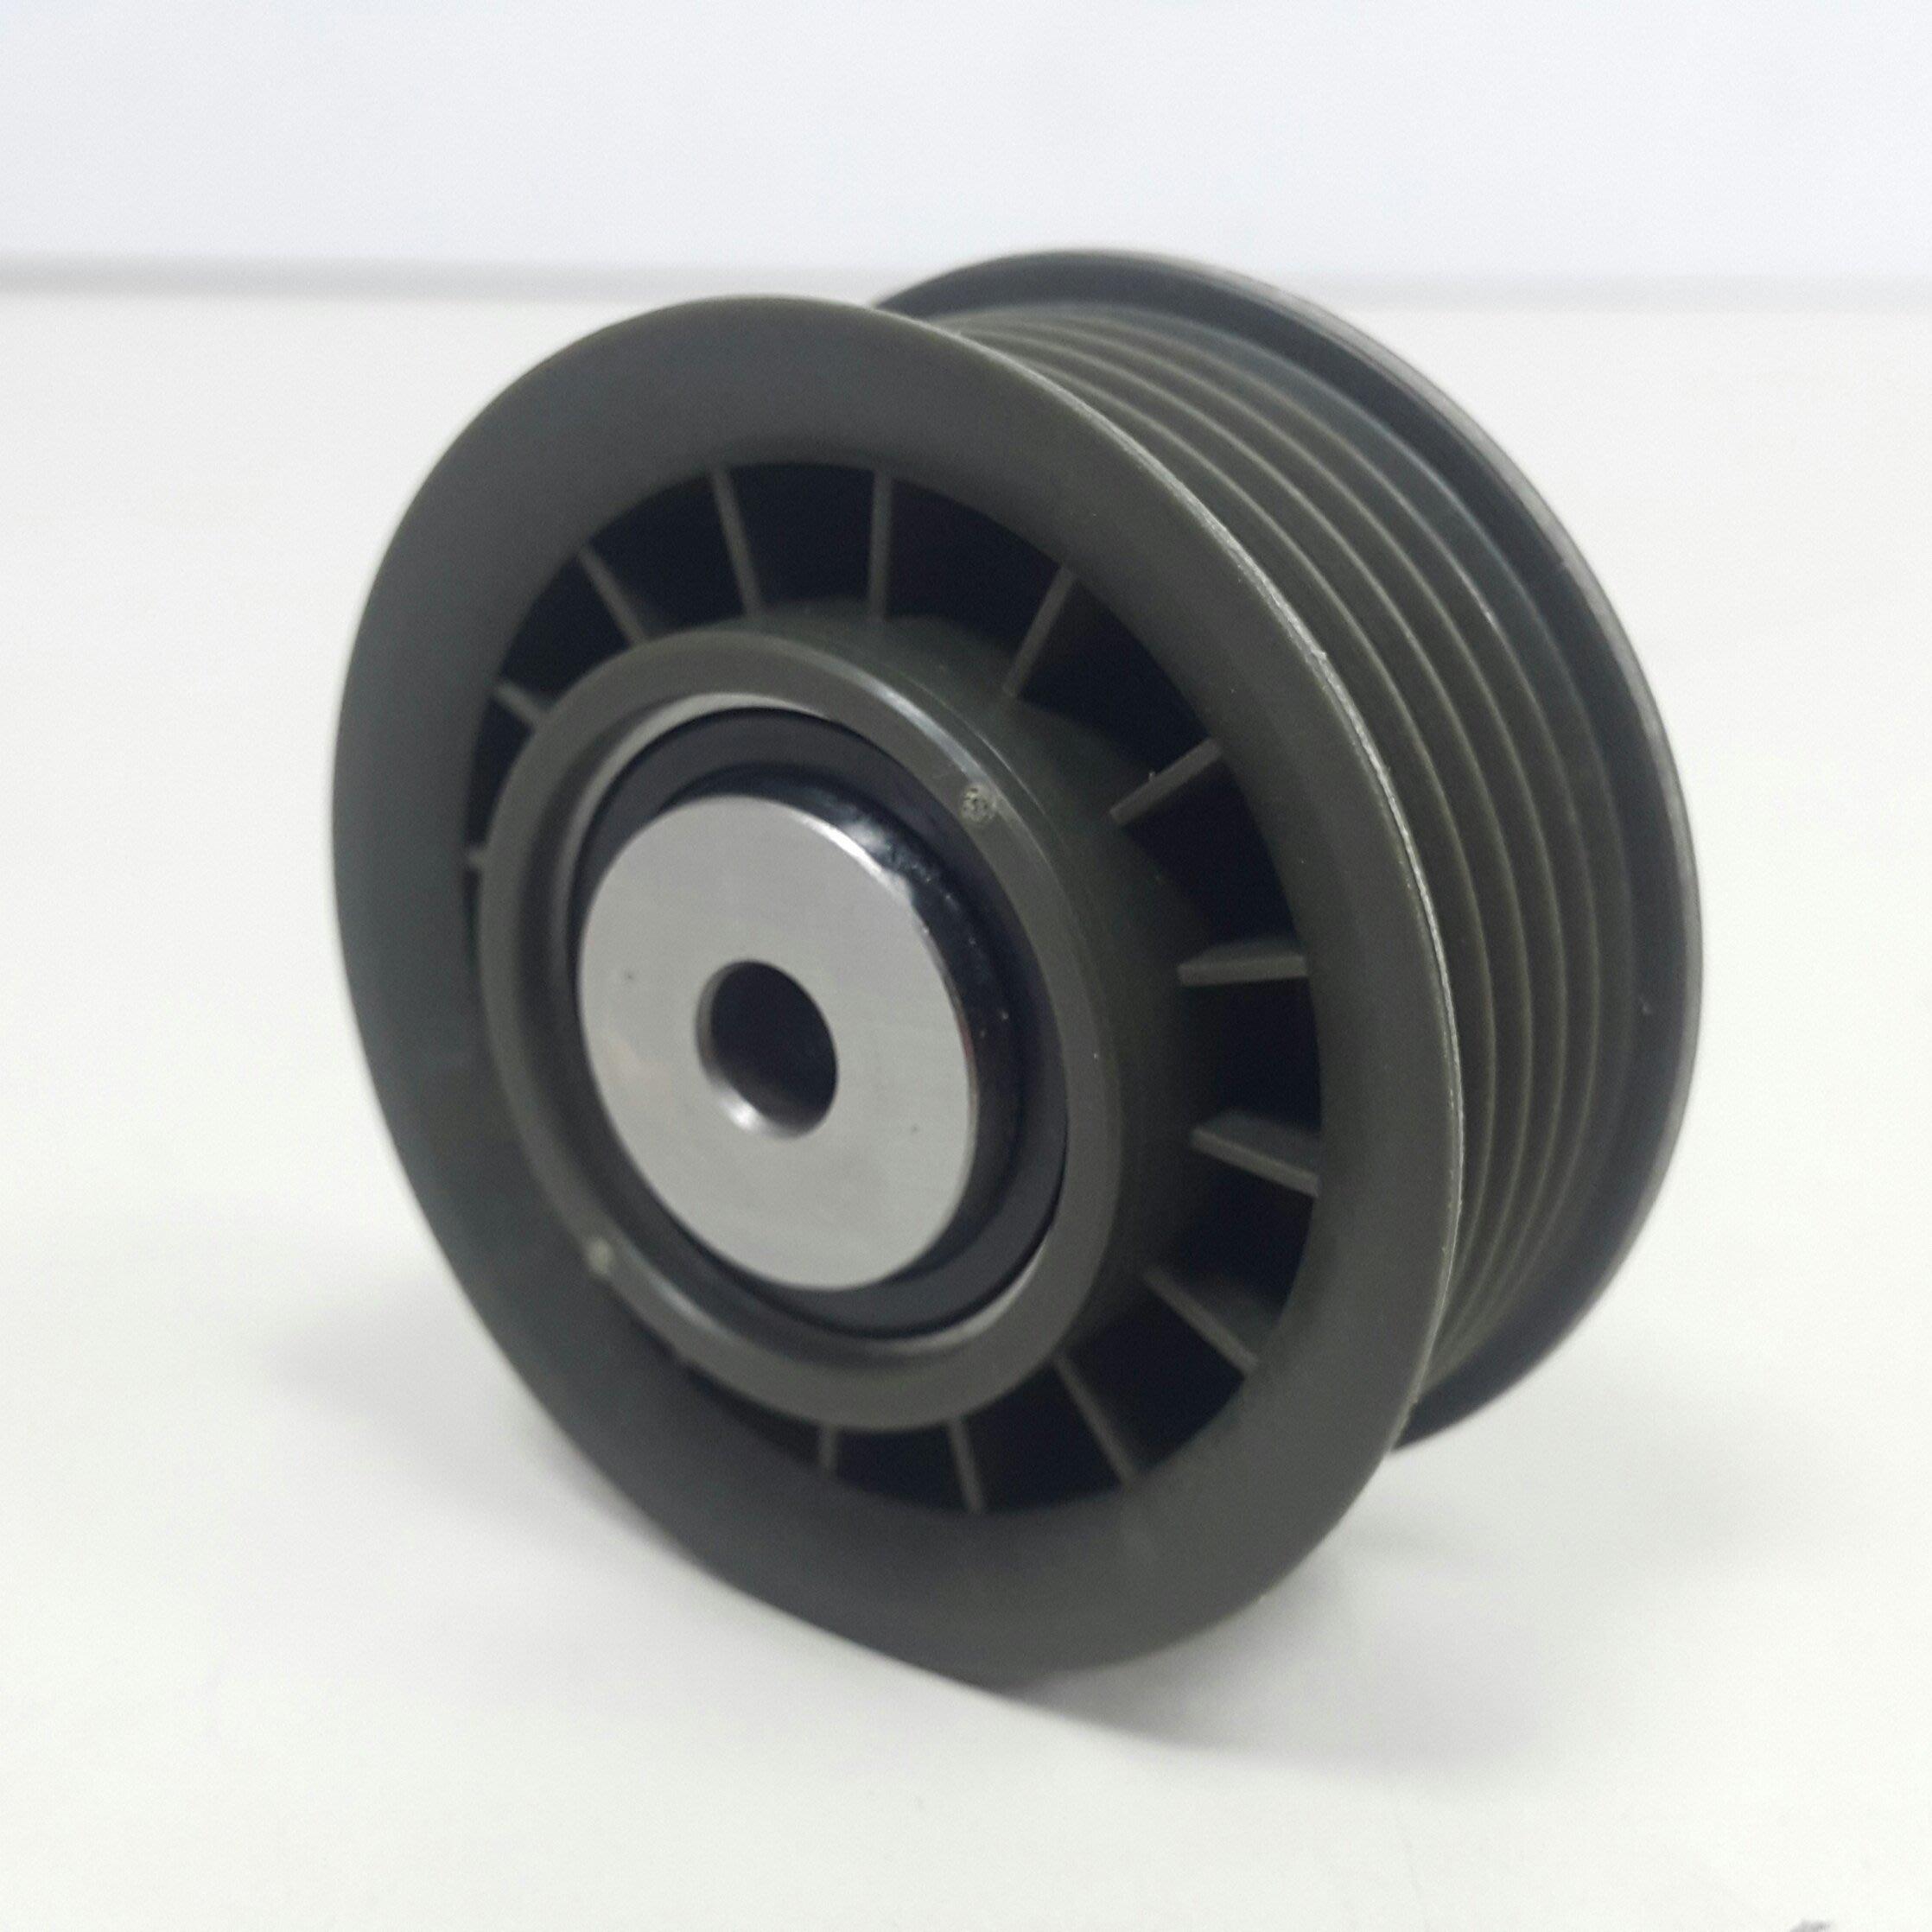 BENZ W140 M104 外徑68mm 93-98 惰輪 皮帶惰輪 皮帶盤 輪子 (冷氣用) 6012001070